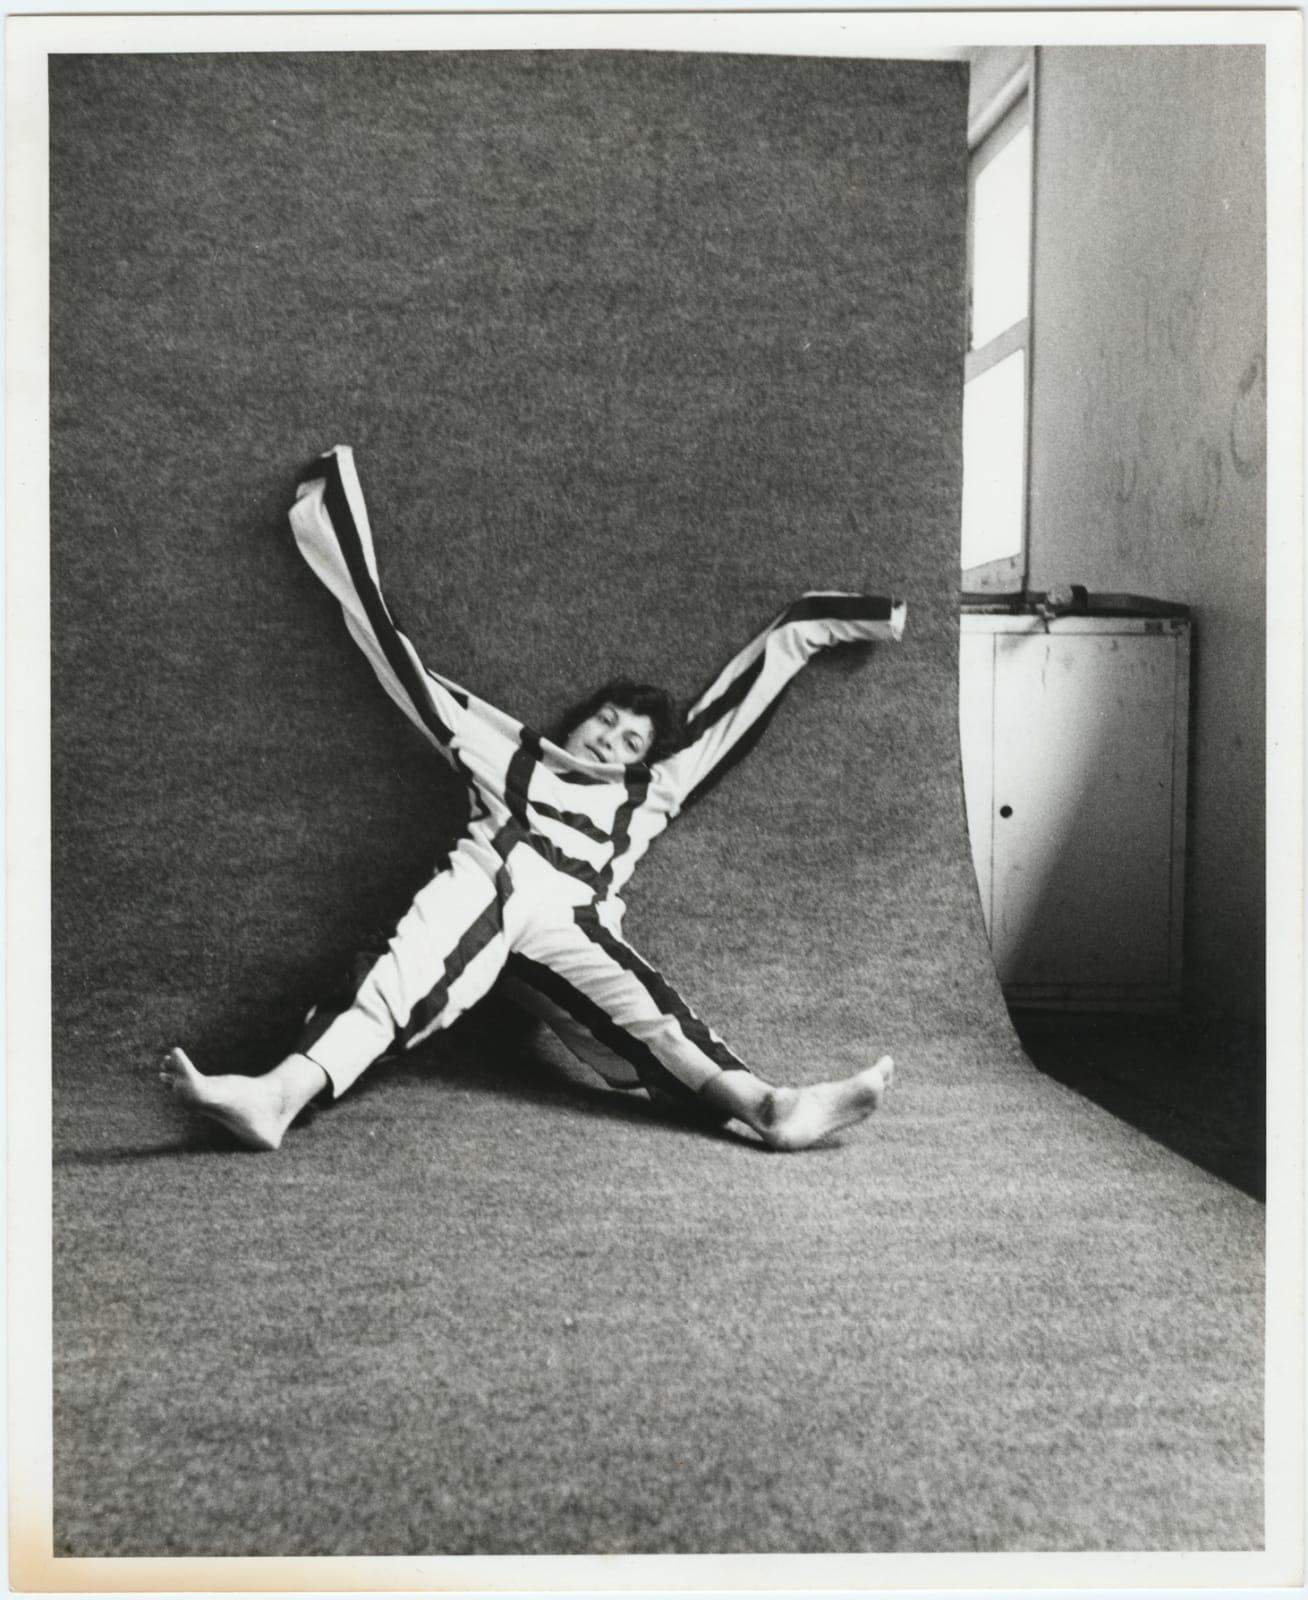 Martha Araújo, Para Um Corpo Nas Suas Impossibilidades, 1985